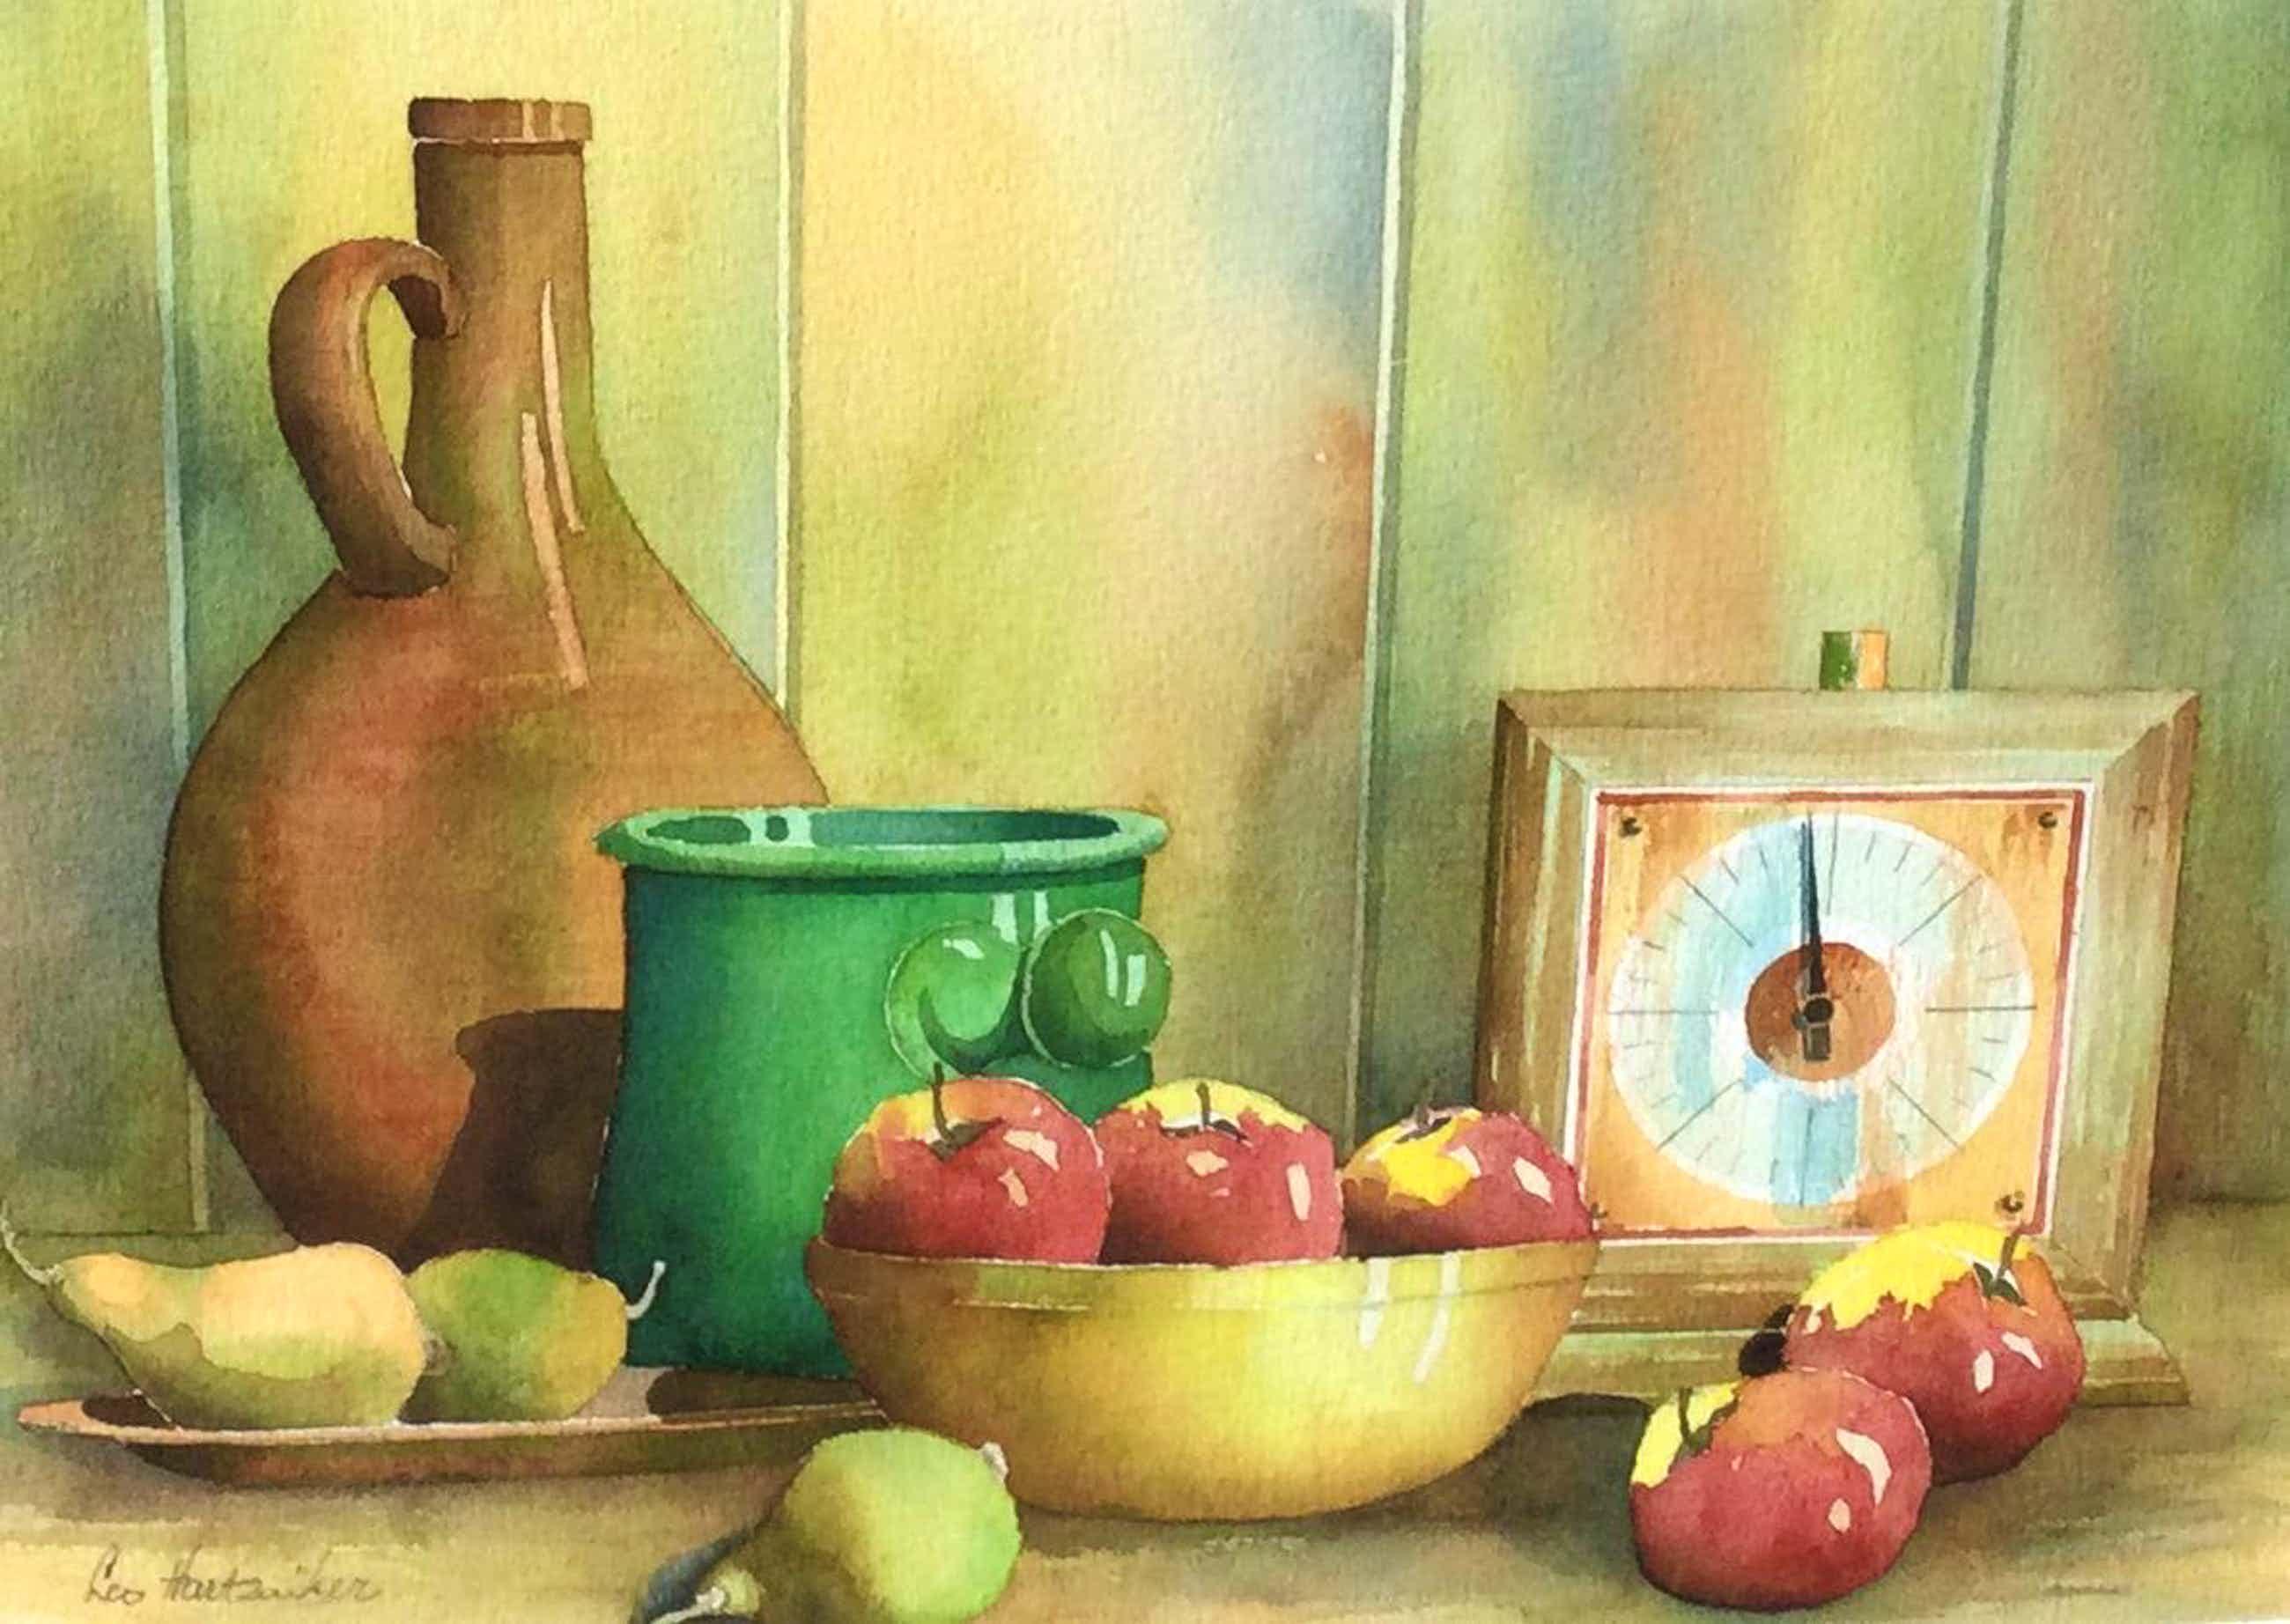 Leo Hartzuiker - C5142-7, Stilleven met appels en klokje kopen? Bied vanaf 75!